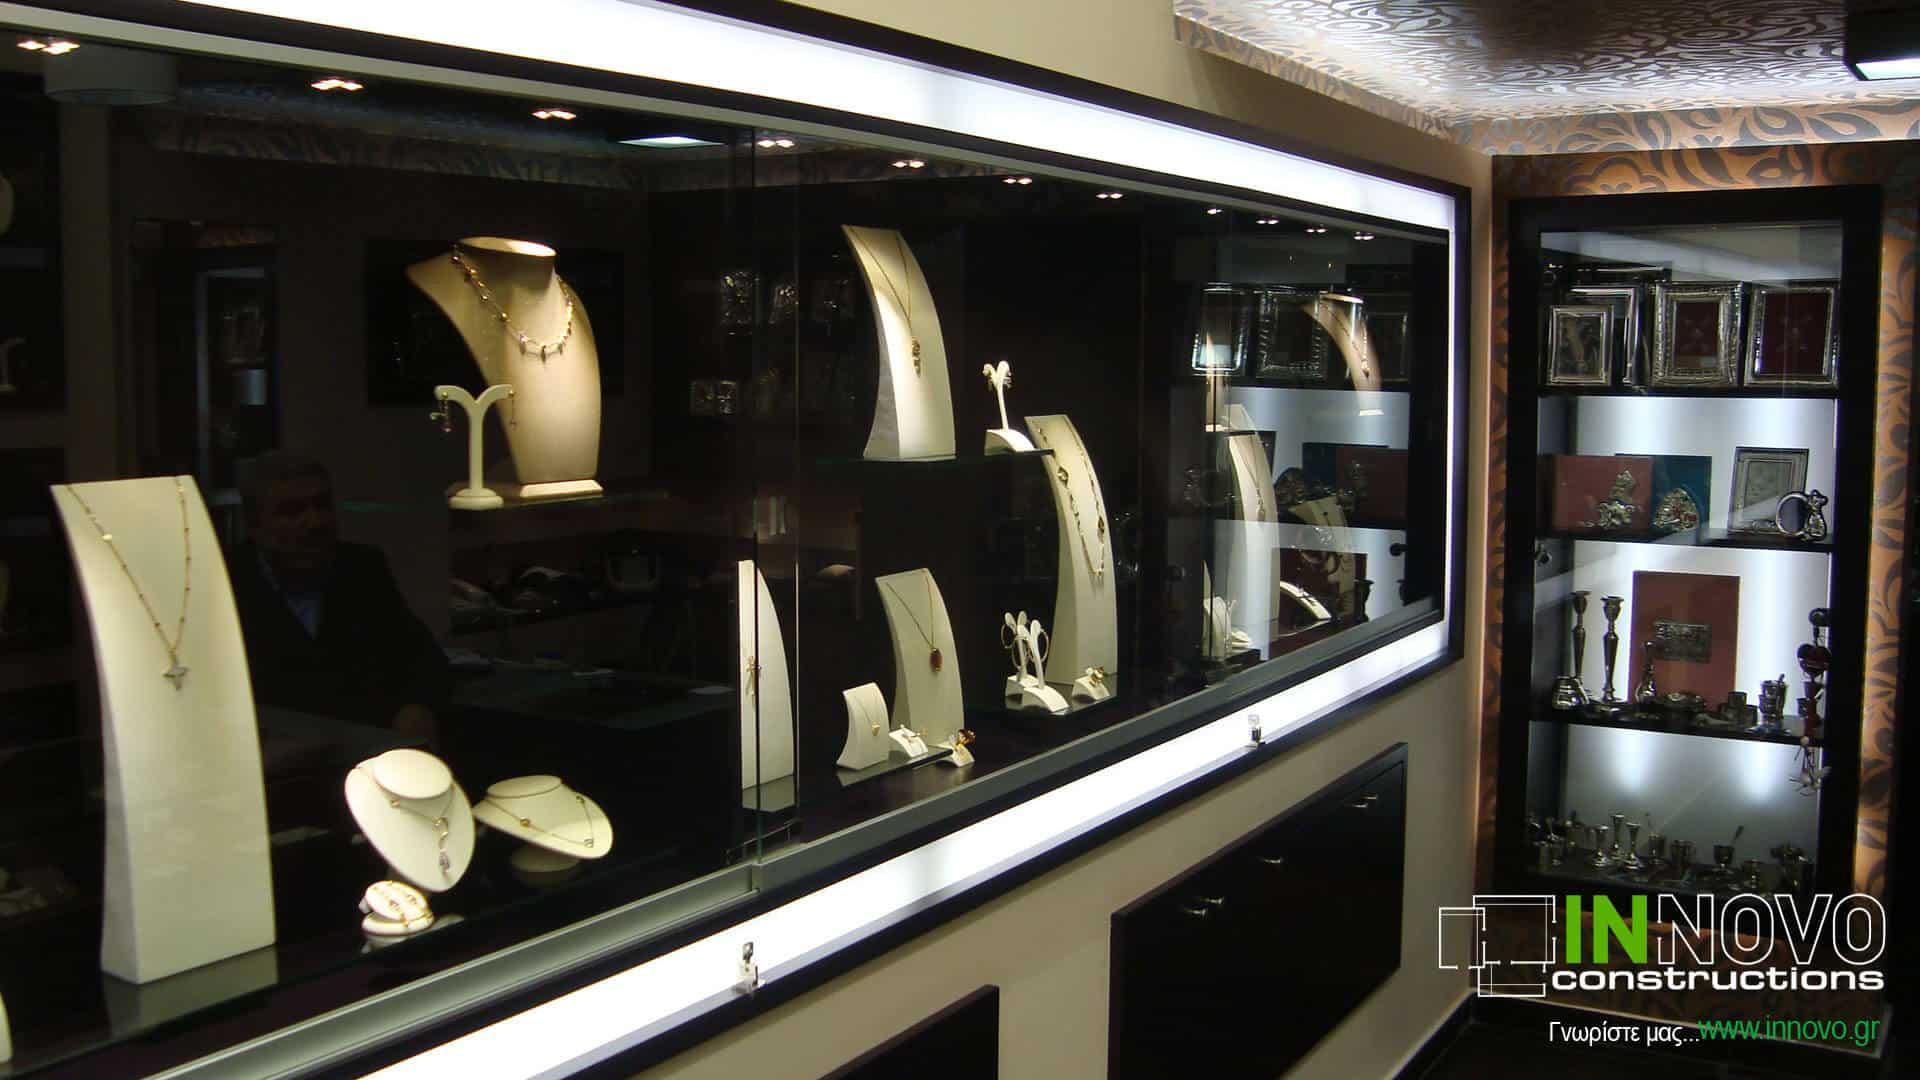 1-diakosmisi-kosmimatopoleiou-jewelry-design-kosmimatopoleio-kifisia-1075-2